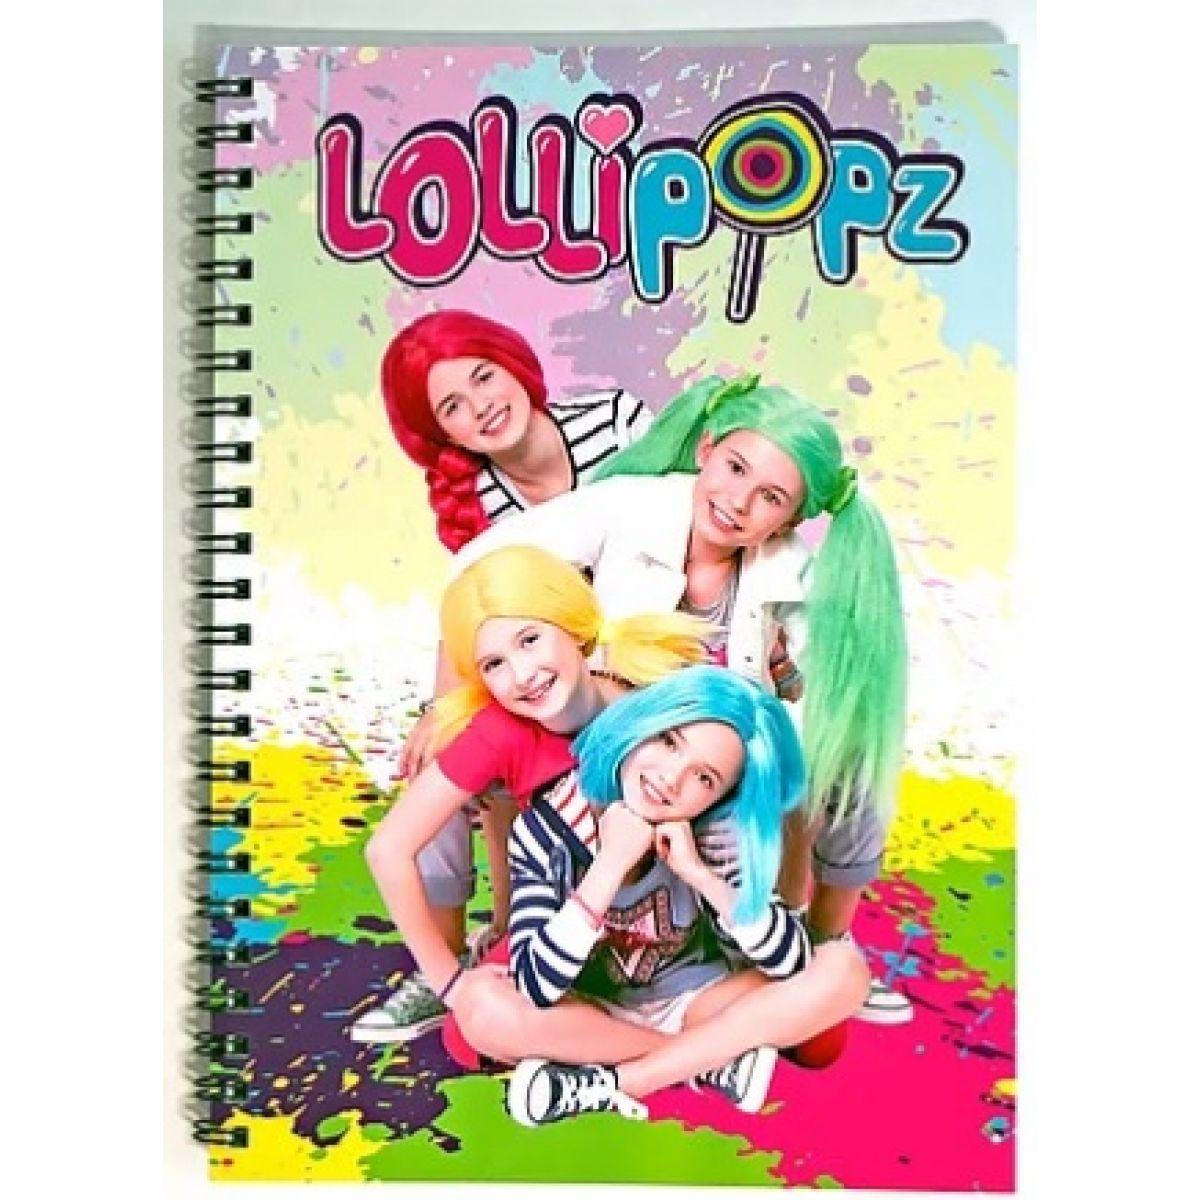 Zápisník Lollipopz velikost A5